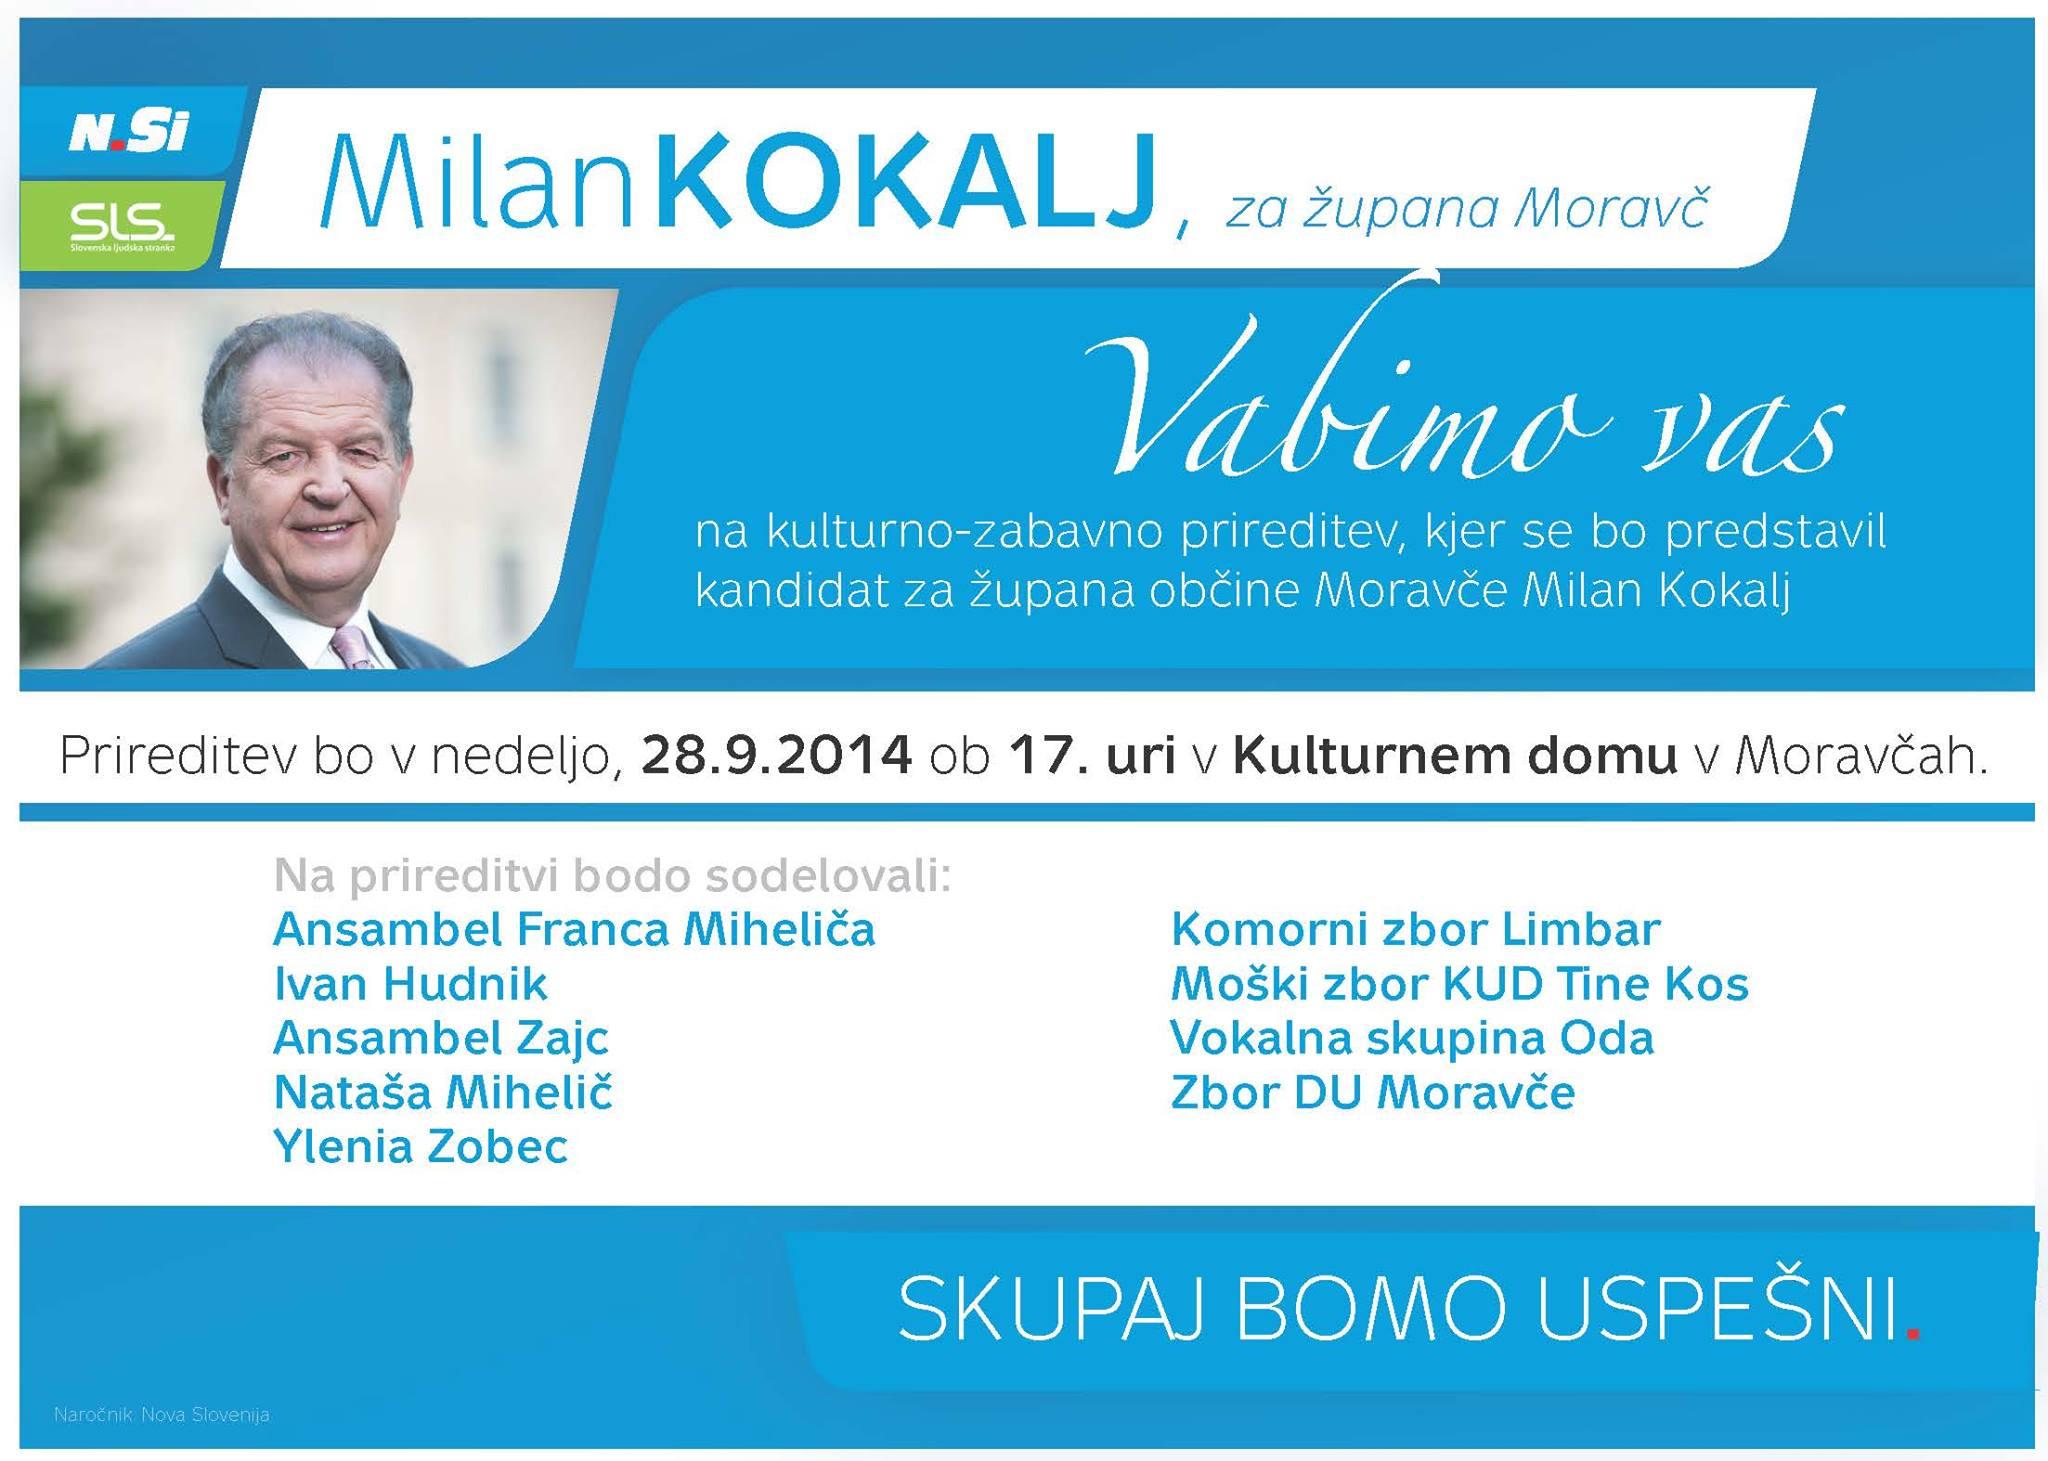 Skupaj bomo uspešni - Milan Kokalj